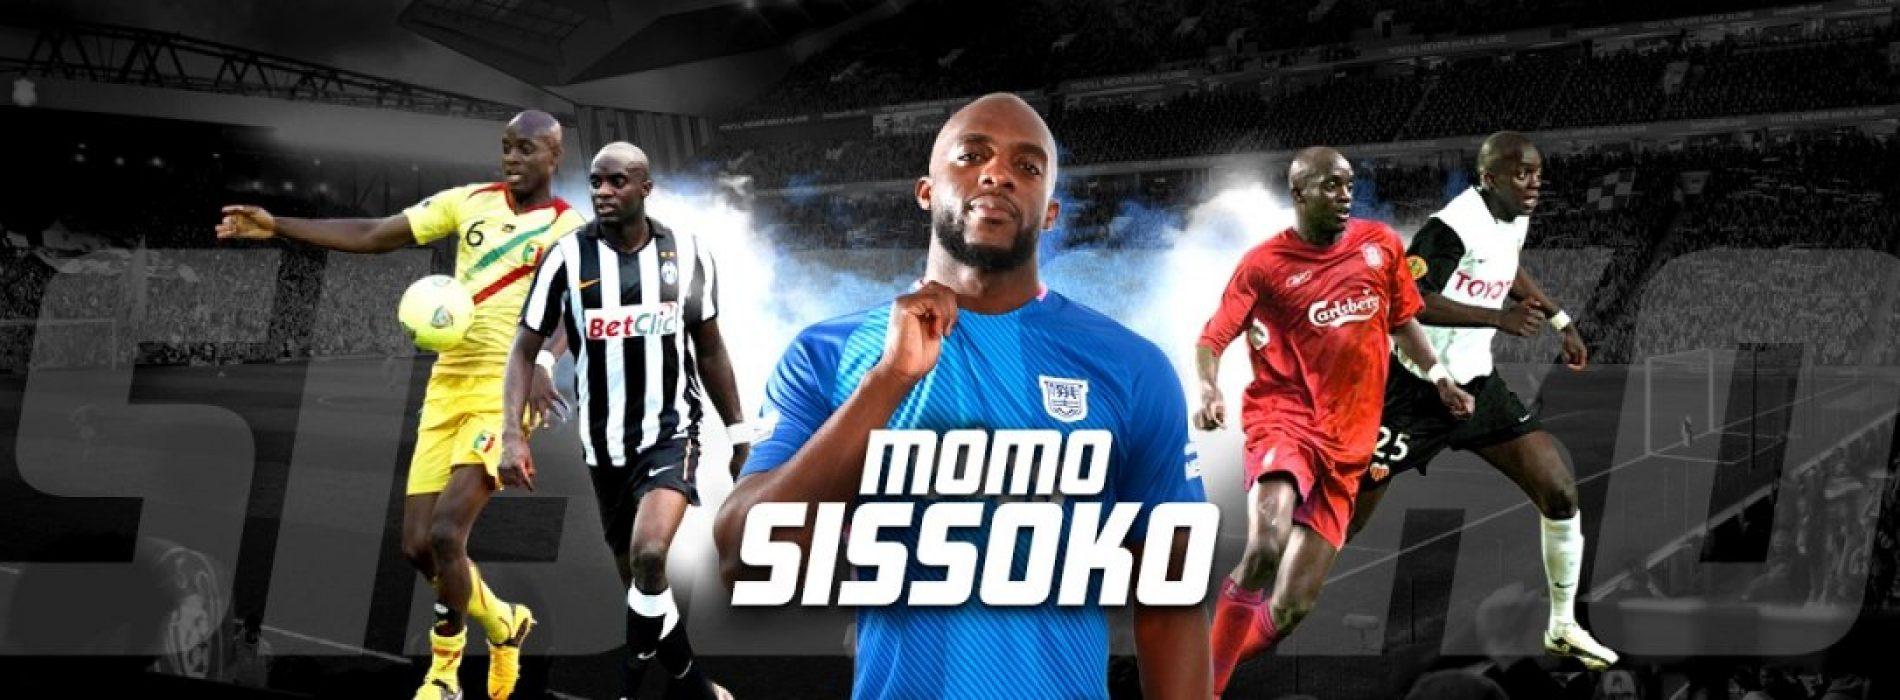 """Momo Sissoko: """"Mané andrà al Real Madrid. Zidane vuole anche Pogba, ma lui vorrebbe tornare alla Juventus. Salah potrebbe lasciare Liverpool. Ancelotti costruirà un Everton fortissimo"""" – ESCLUSIVA EC"""